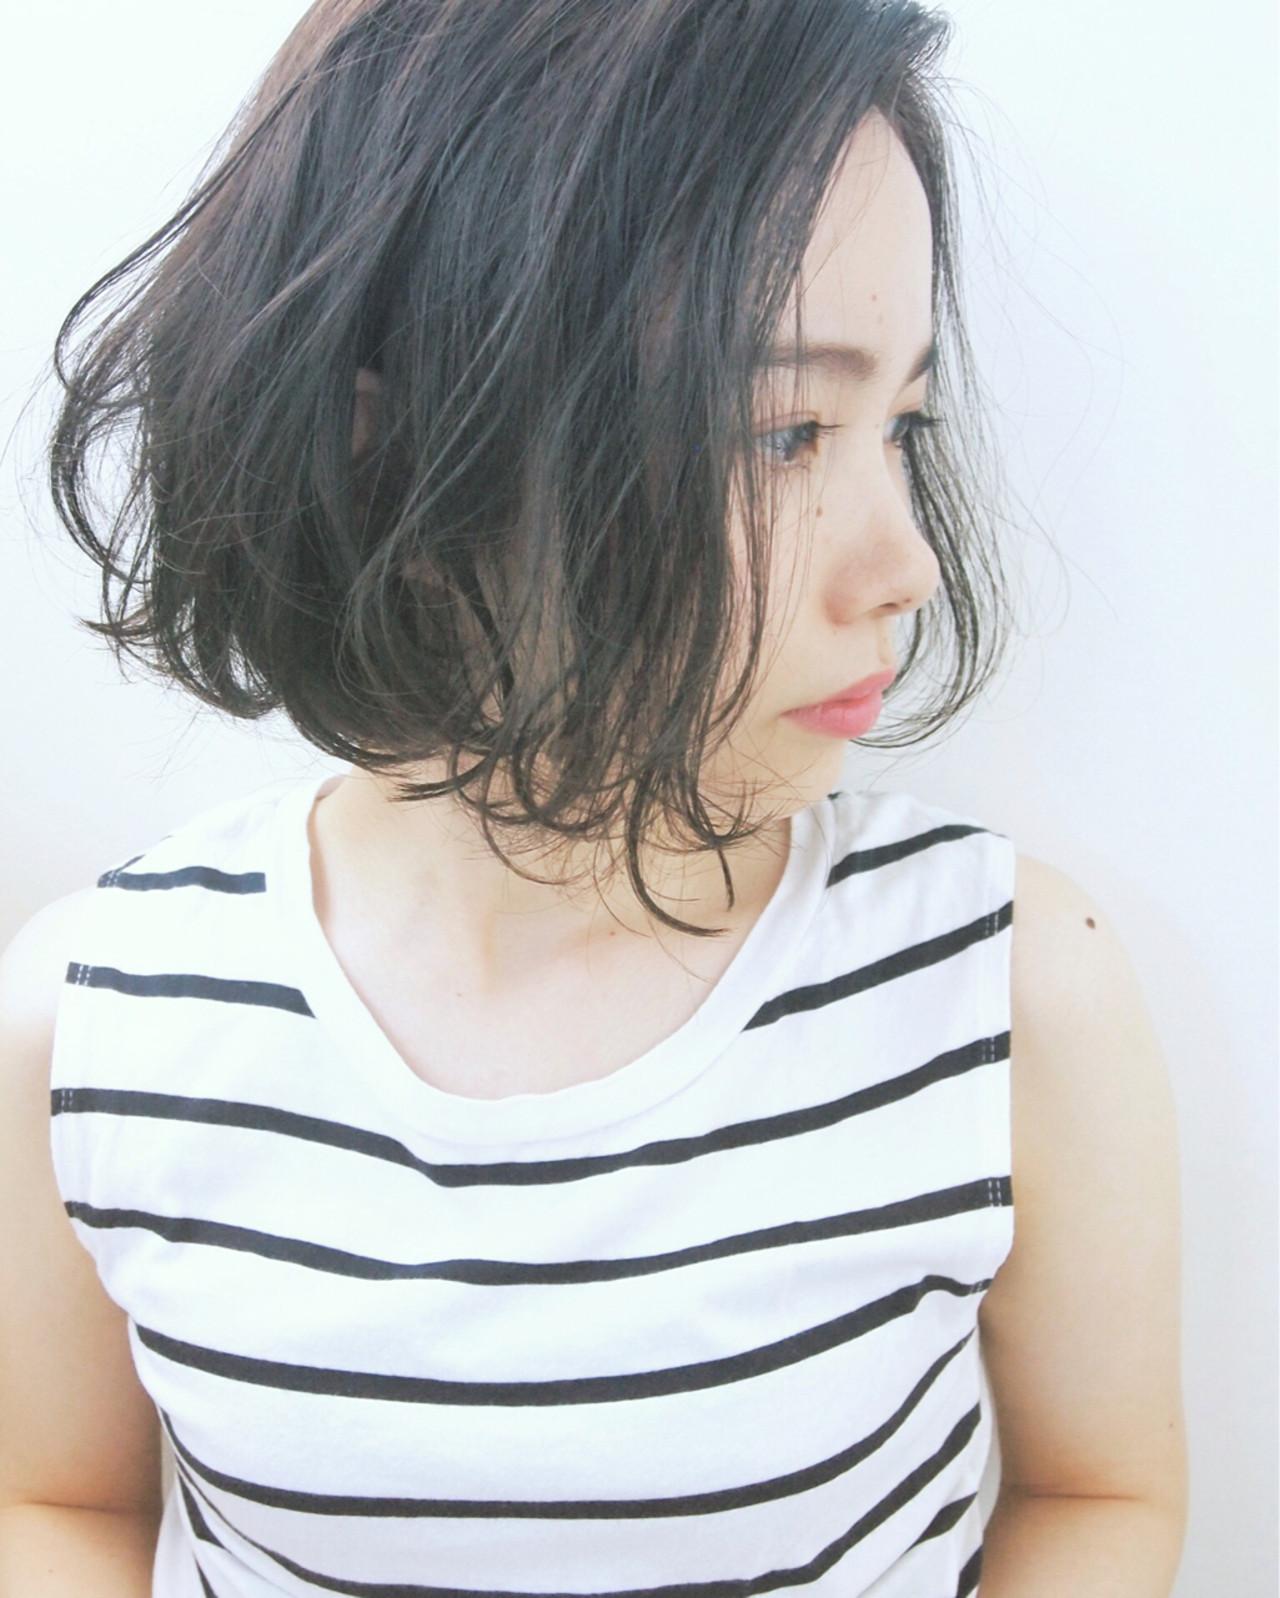 暗髪 パーマ ボブ 大人かわいい ヘアスタイルや髪型の写真・画像